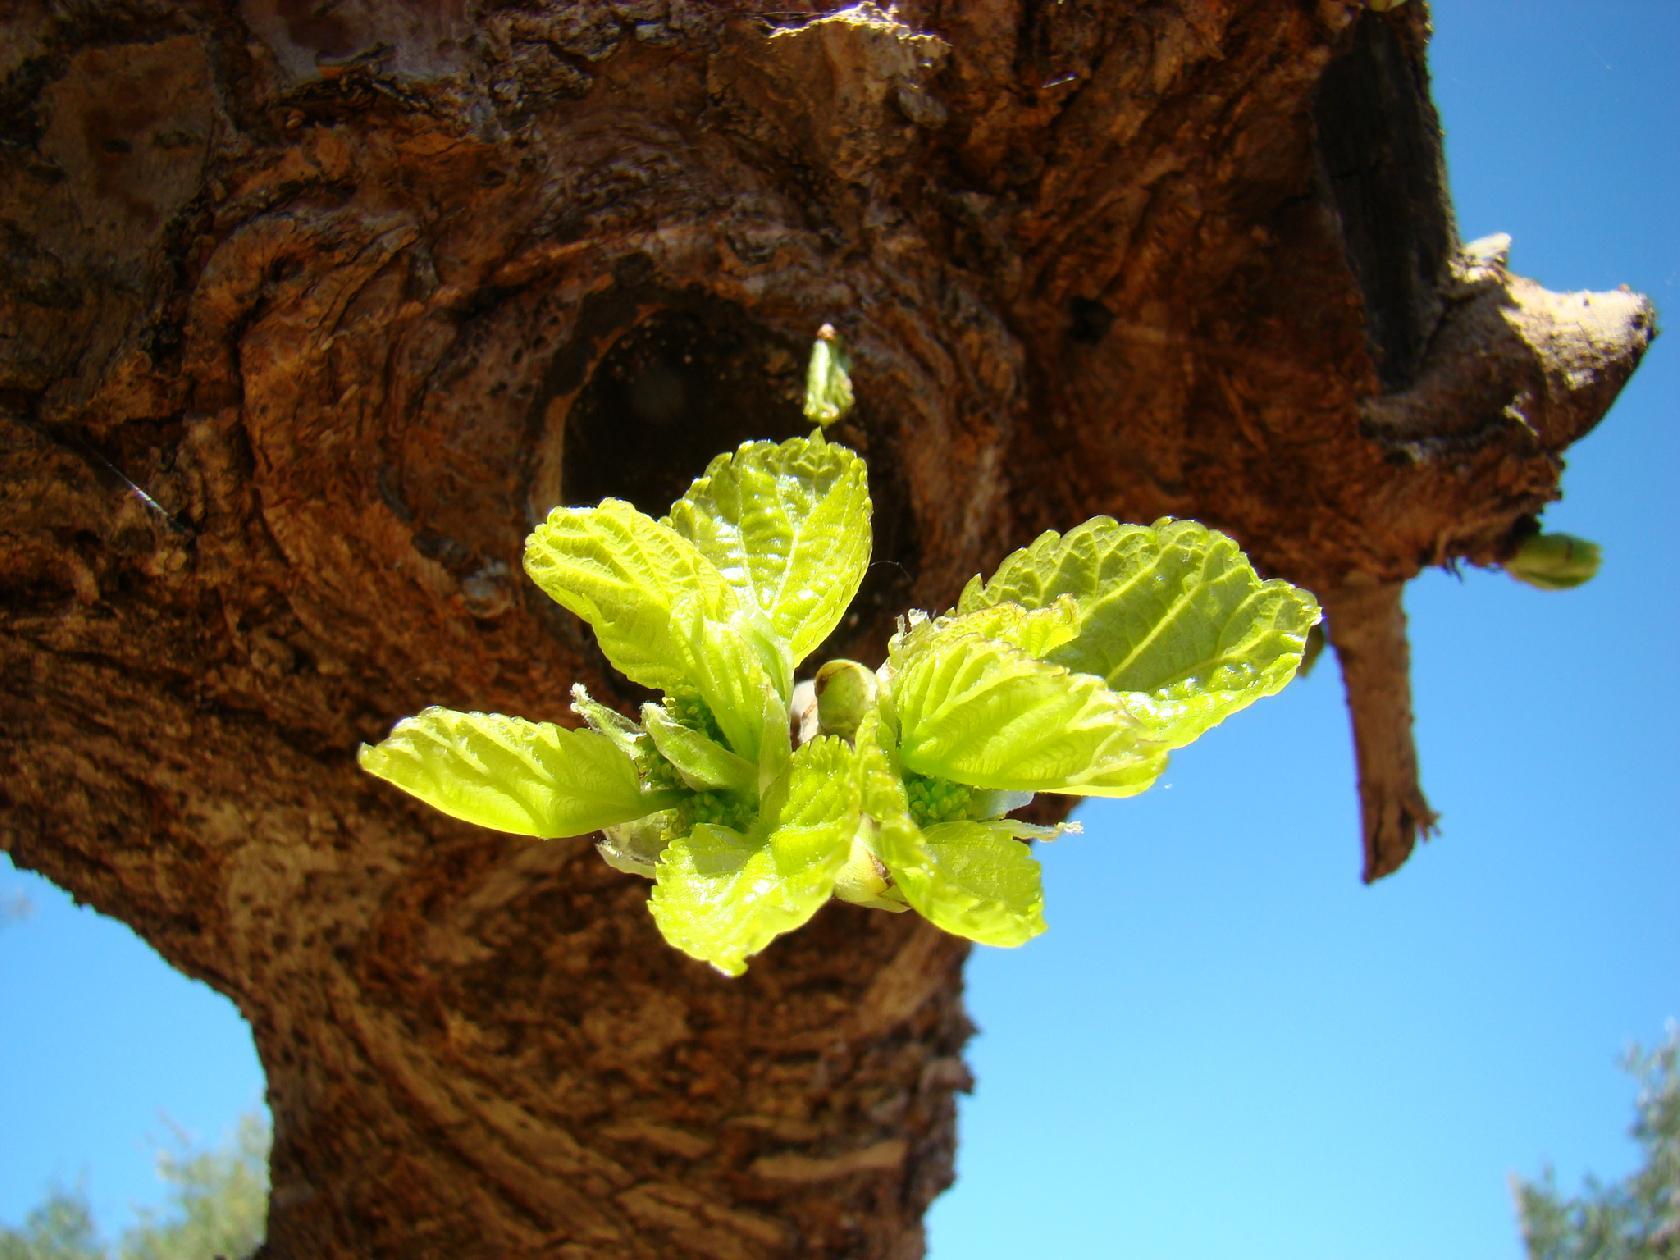 Les arbres de la provence se r veillent la cachina - Arbre provencal ...